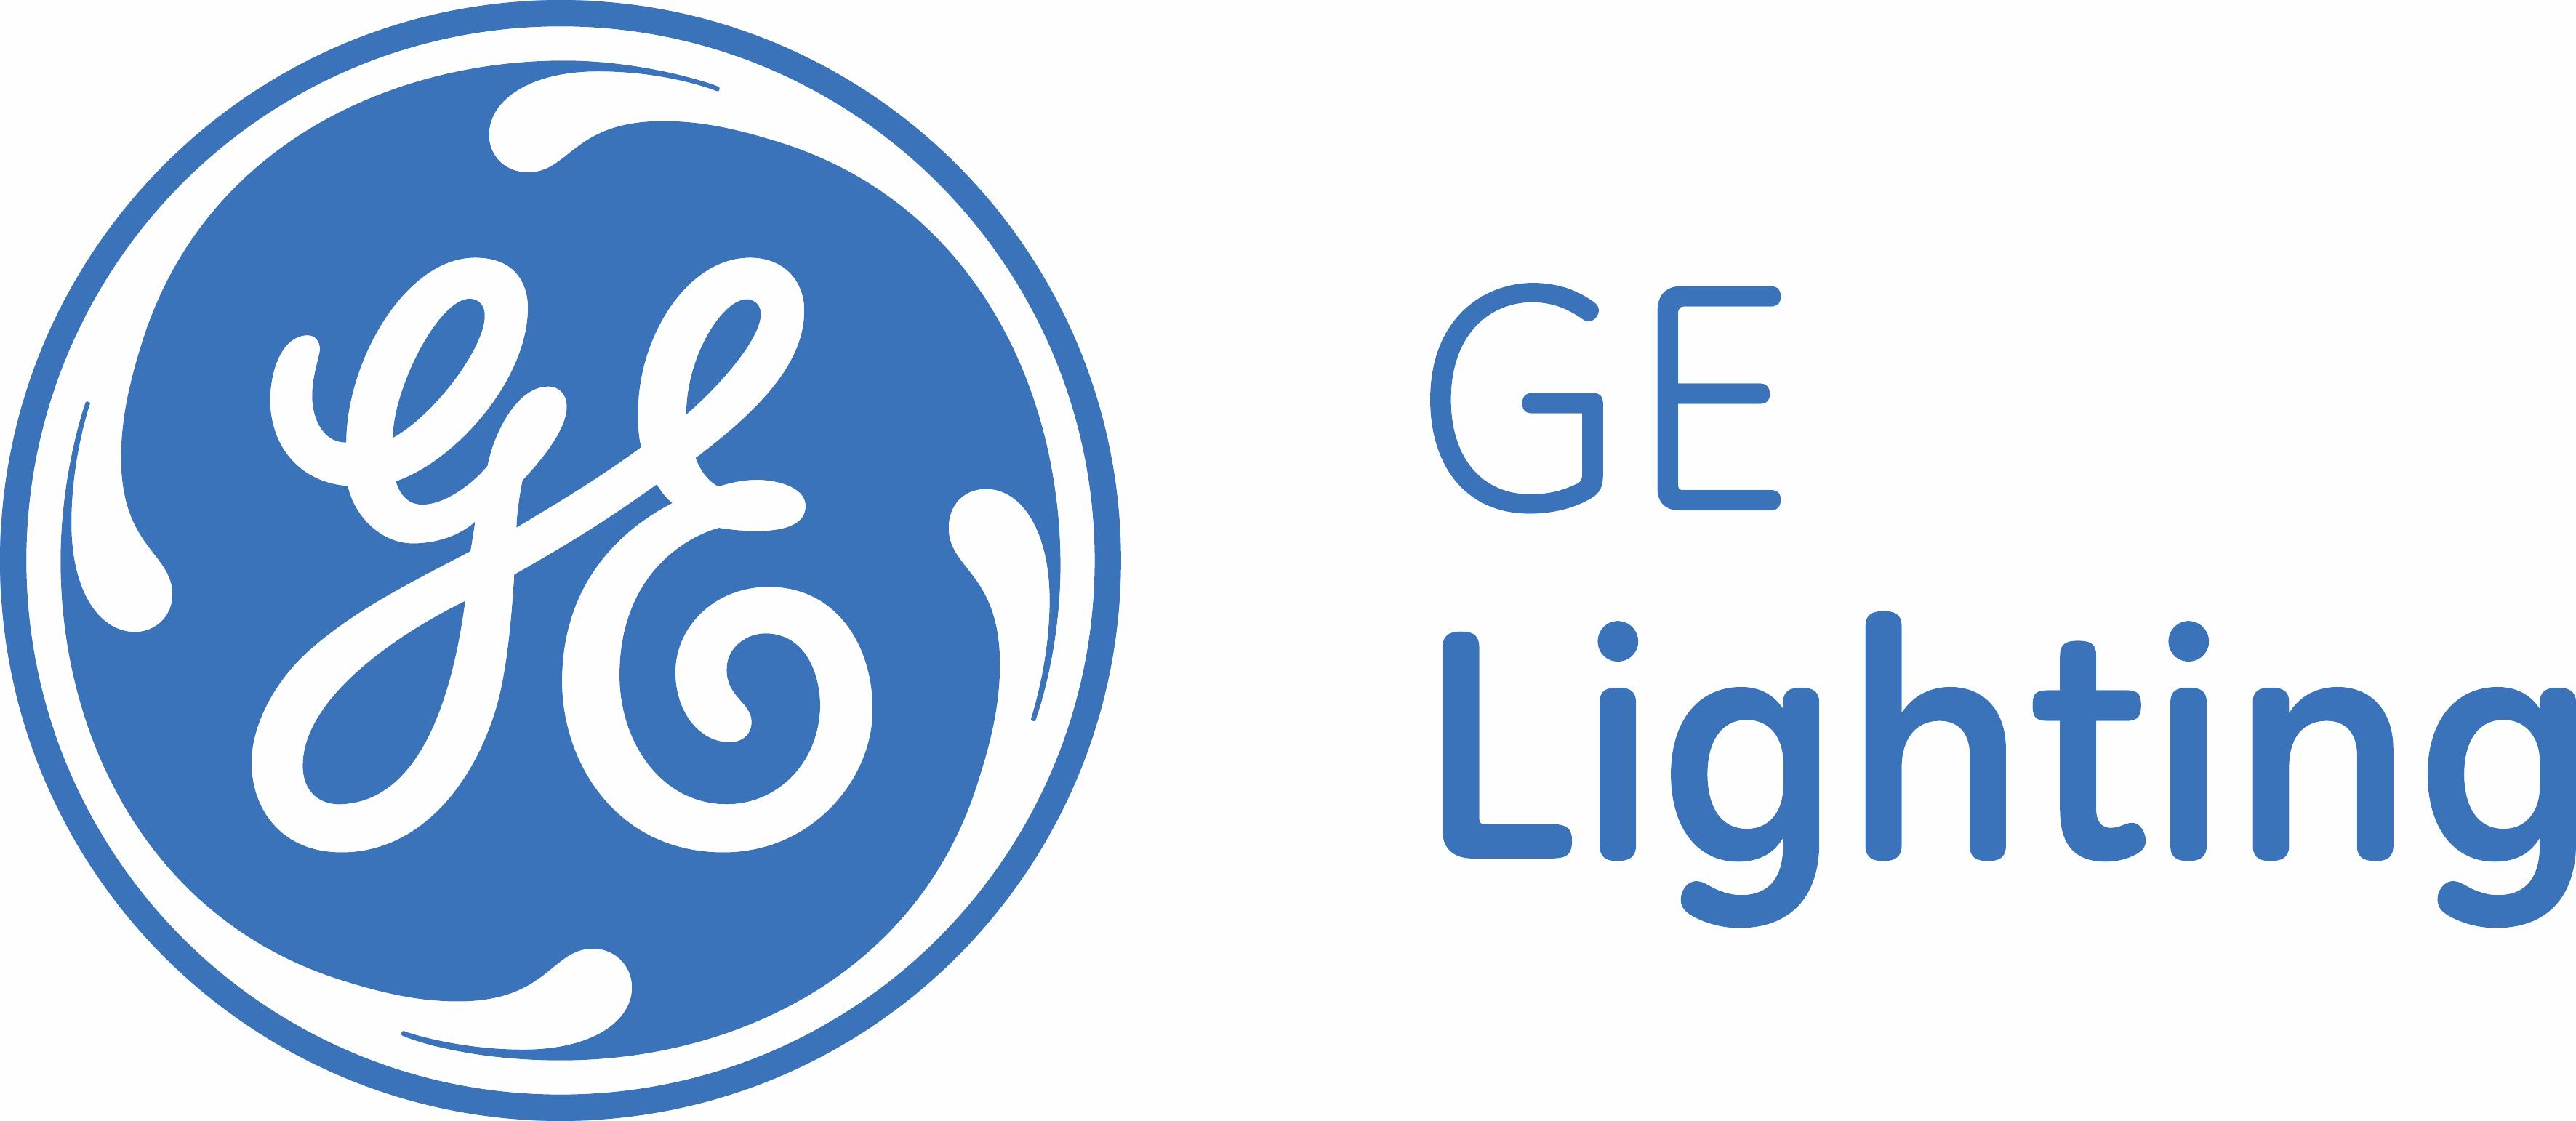 GE Lighting è una divisione di General Electric con sede a Nela Park, East Cleveland, Ohio, Stati Uniti. Impiega 17.000 persone e ha origine dal lavoro di Thomas Edison sull'illuminazione.